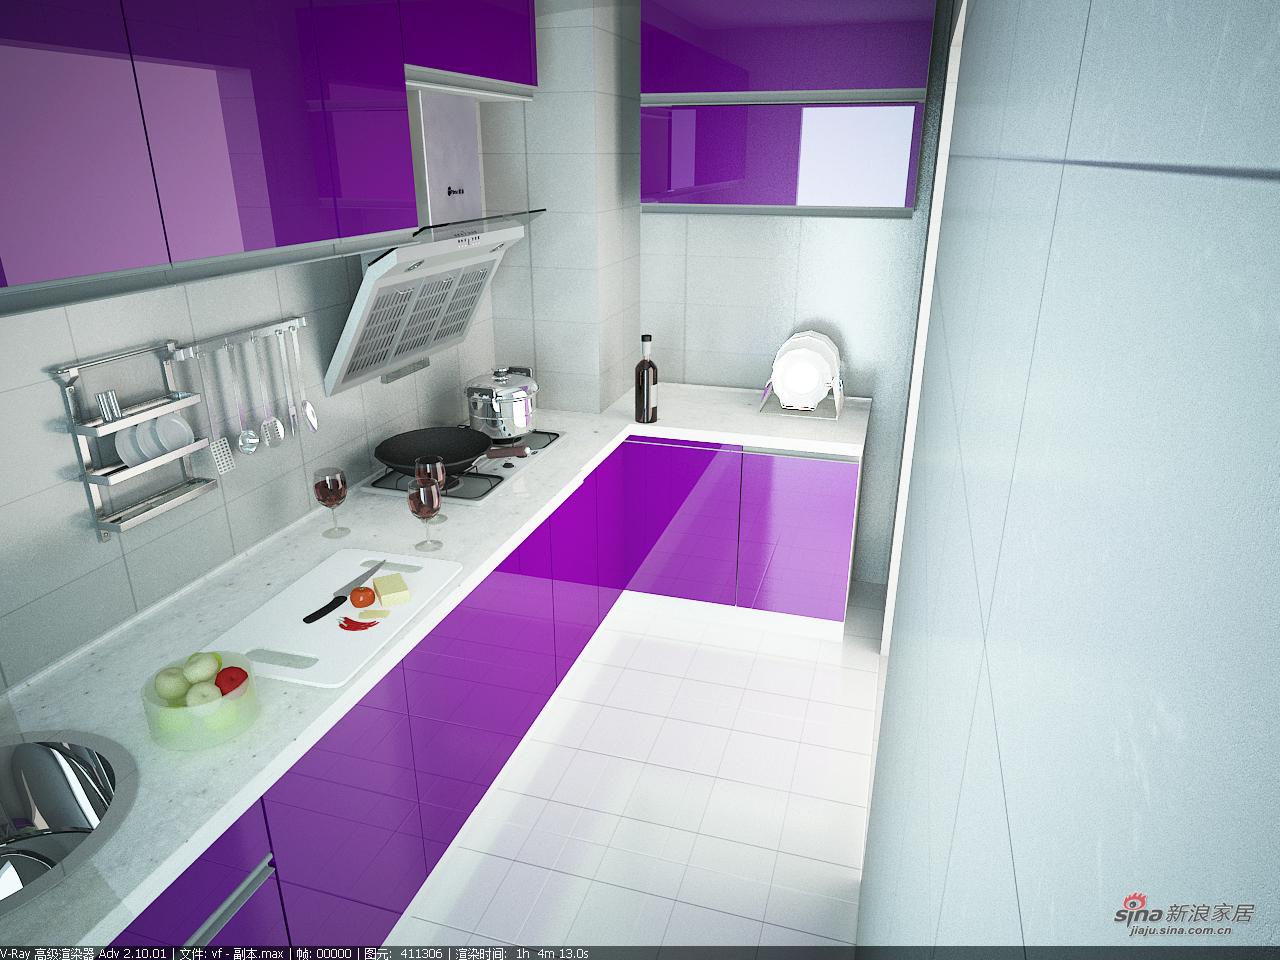 其他 三居 厨房图片来自用户2558746857在金域110平优雅白调3居53的分享